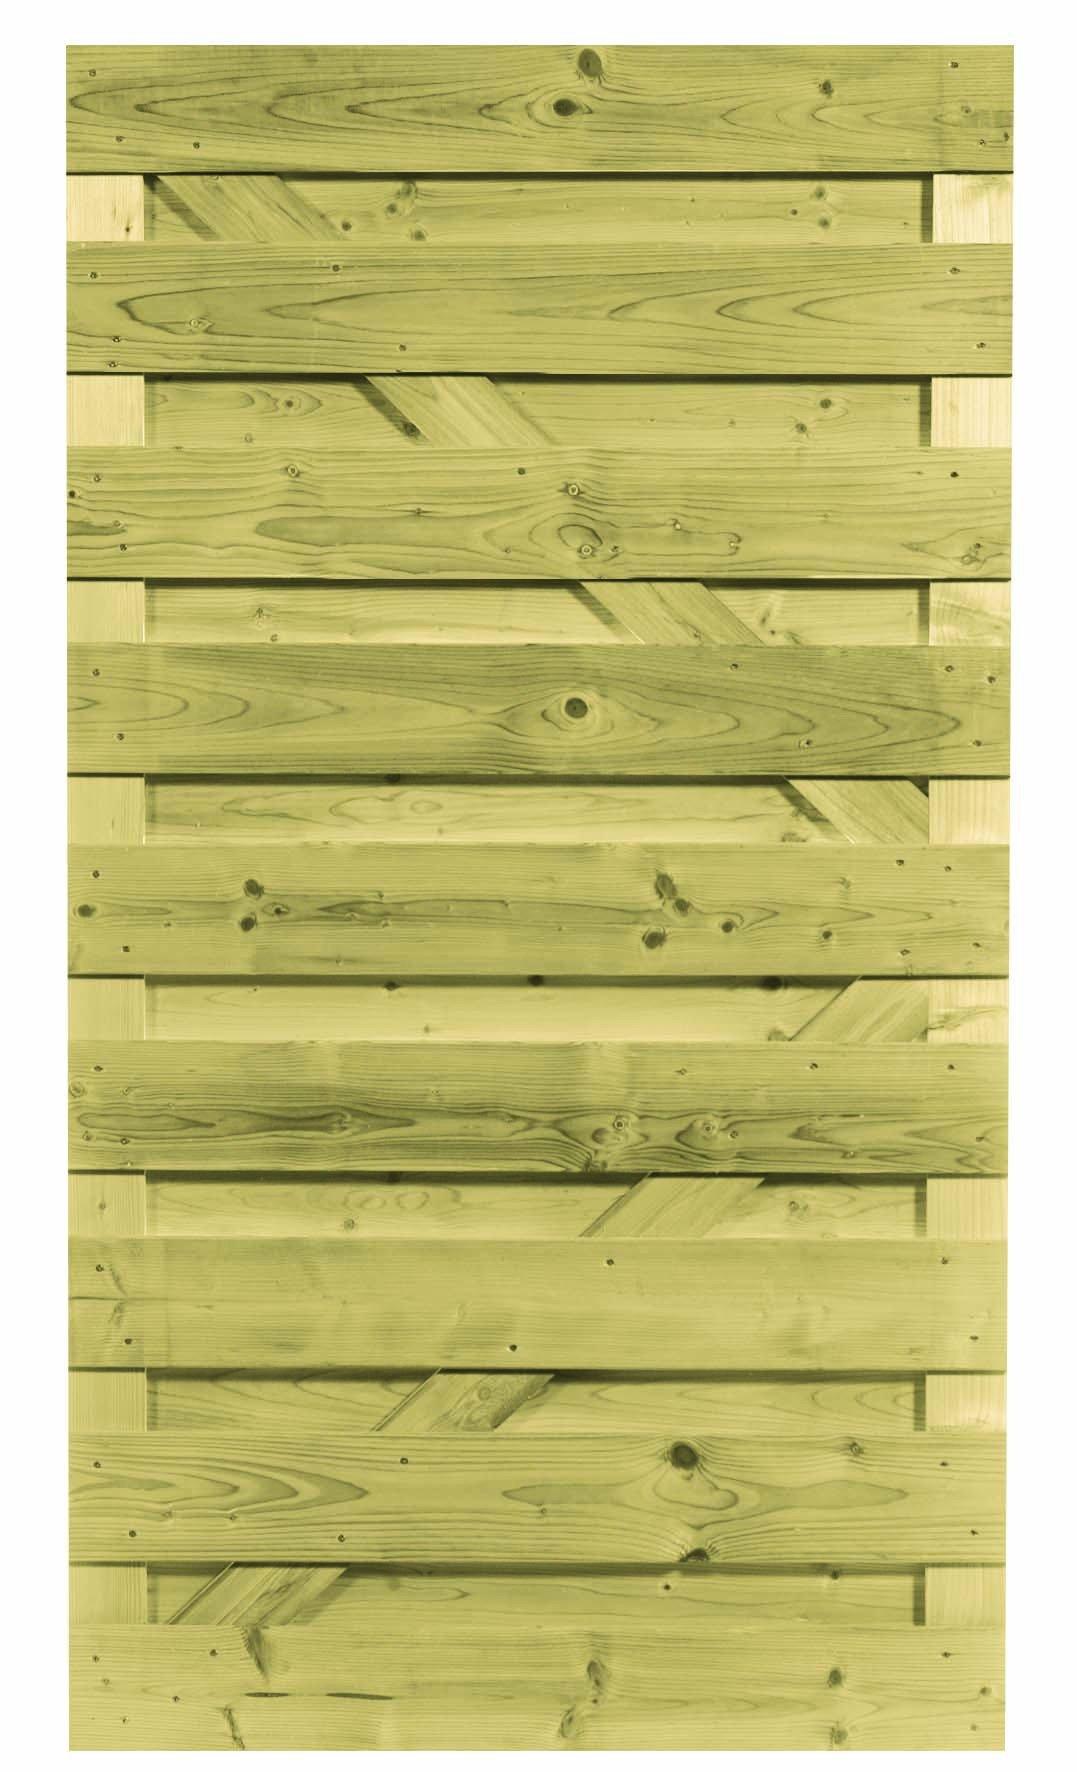 Houten deur geïmpregneerd 100 x 180 cm. Type: recht horizontaal